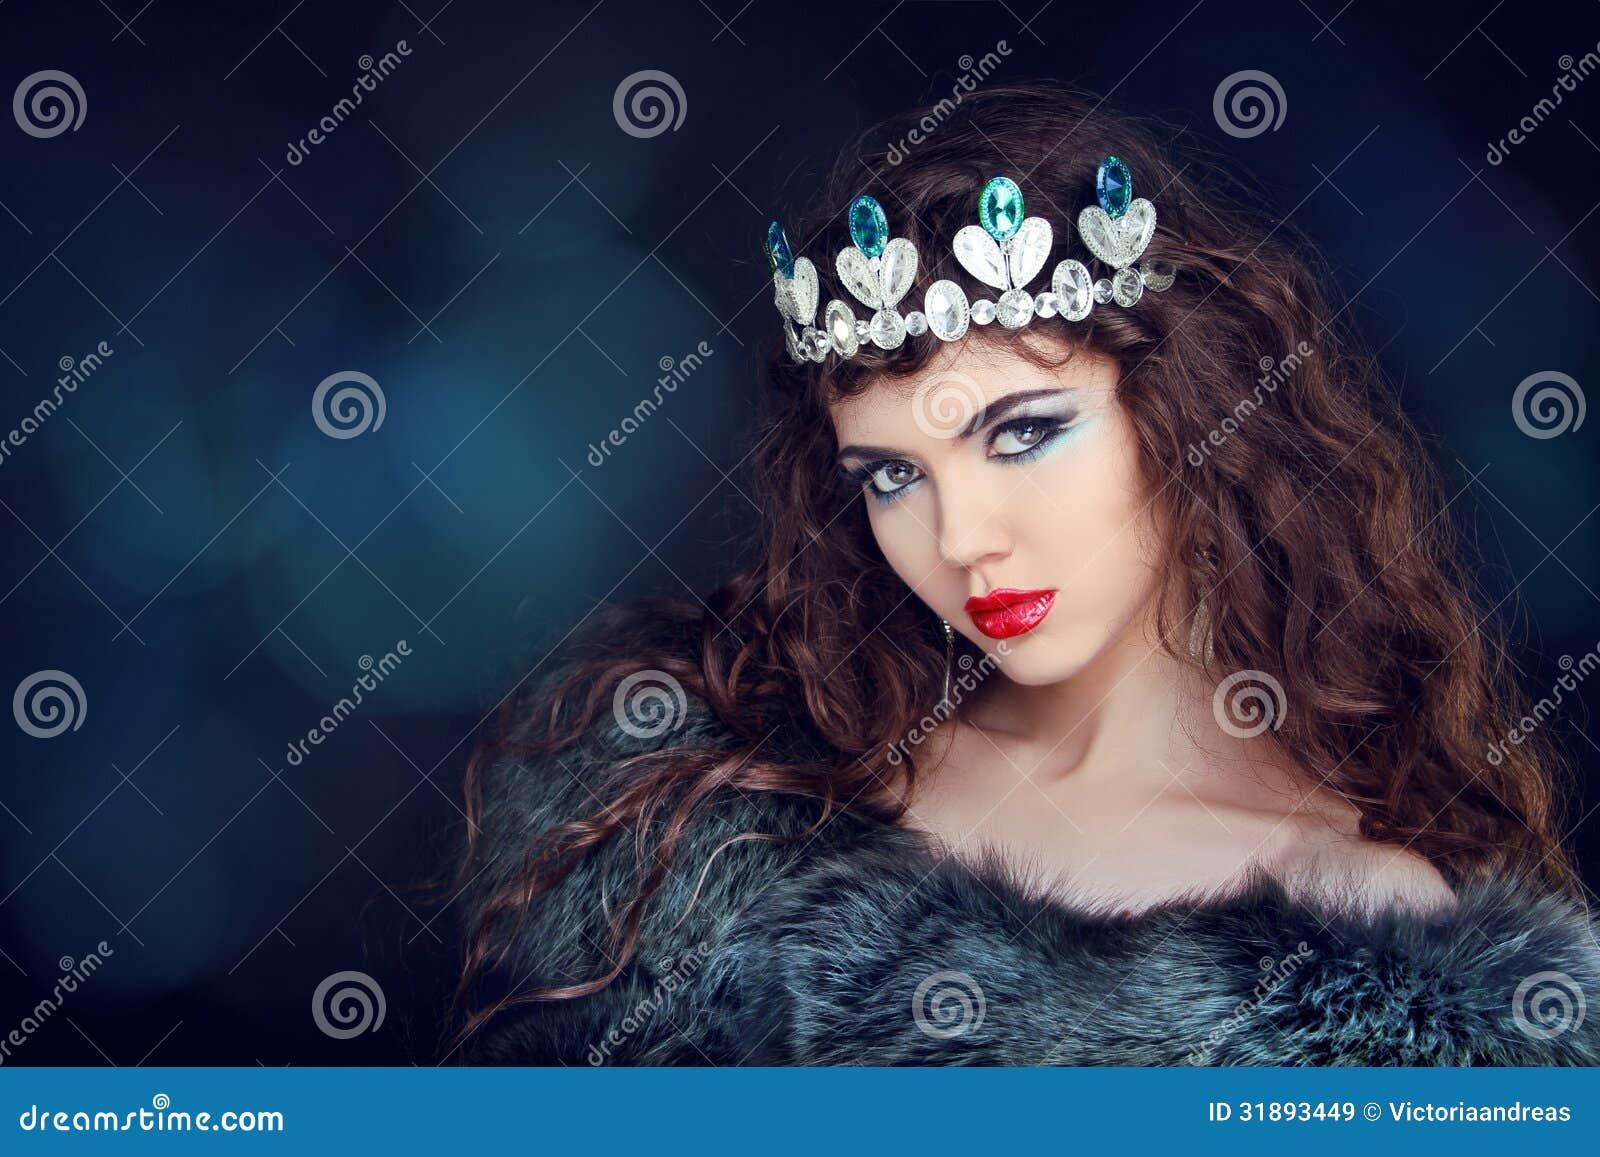 Девушка в короне фотосессия